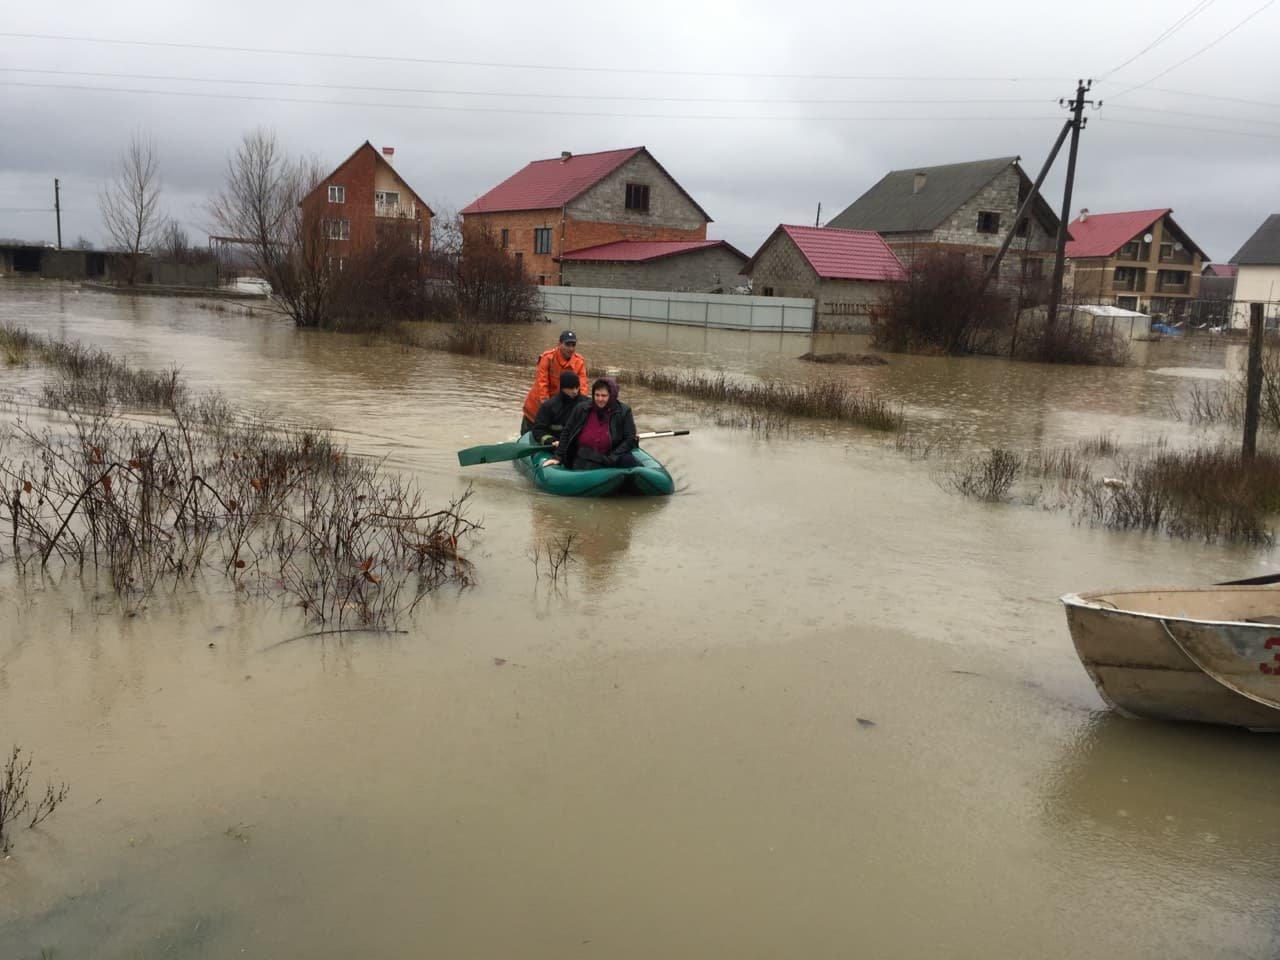 Ситуація стабілізувалася: на Закарпатті човнами евакуювали людей, постраждалих від паводку (ФОТО, ВІДЕО), фото-16